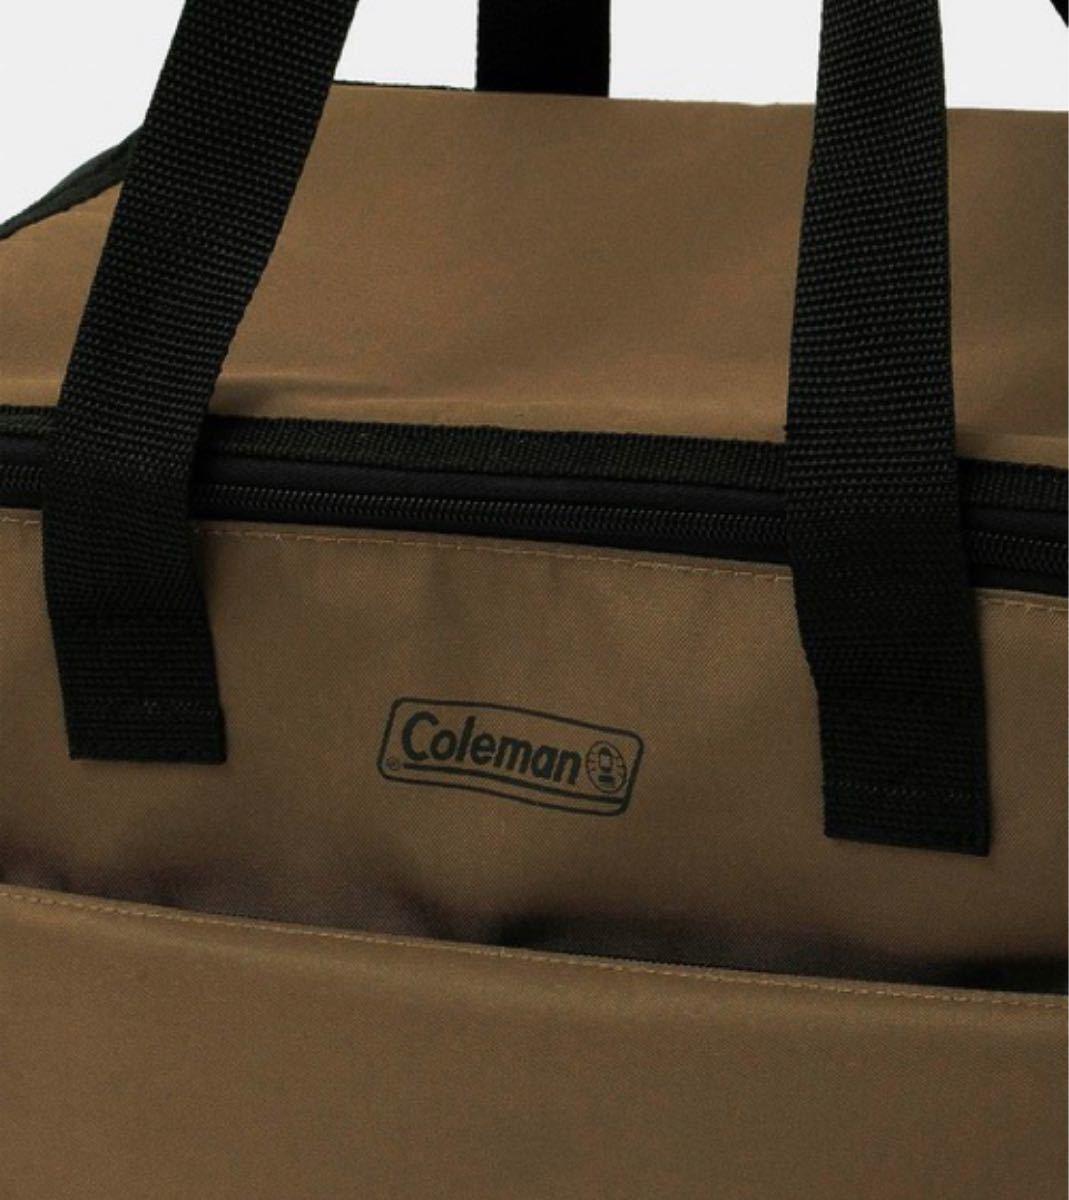 コールマンアーバンリサーチ別注 限定カラー デイリークーラー/20L新品未開封 スポーツ Coleman クーラーバッグ